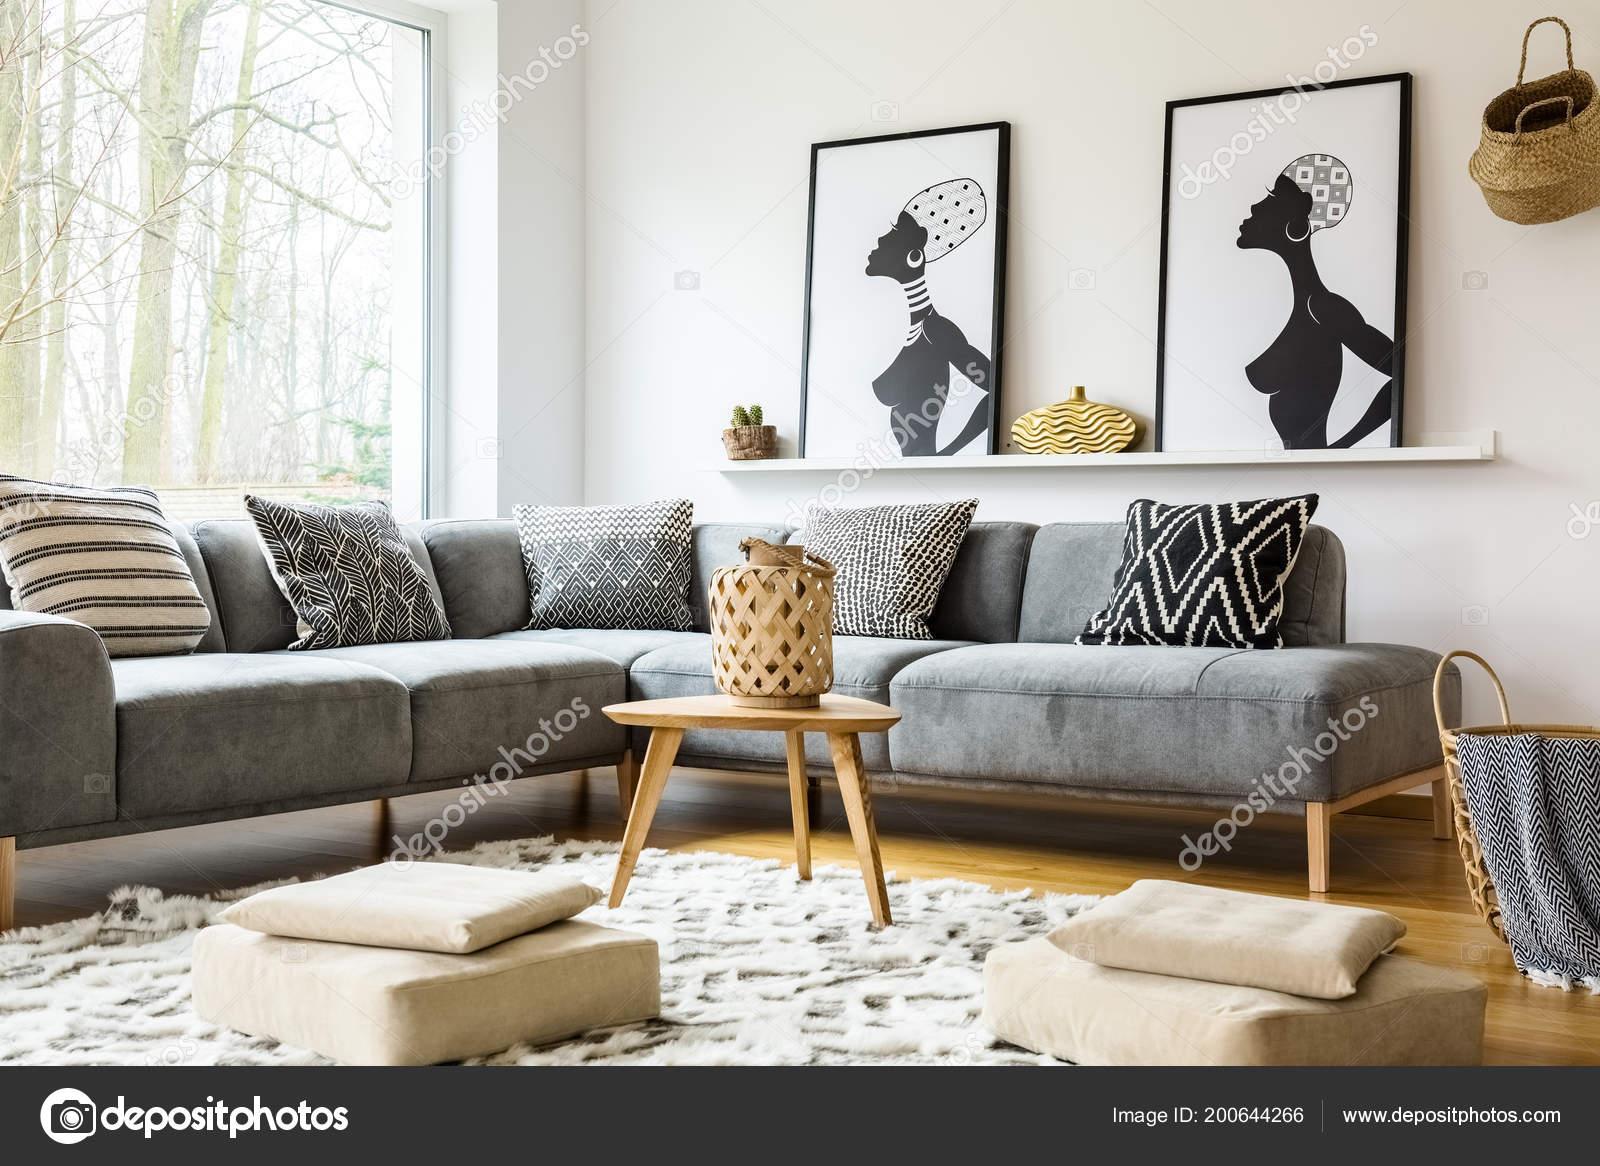 Hocker Auf Teppich Leuchtenden Afrikanischen Wohnzimmer Interieur